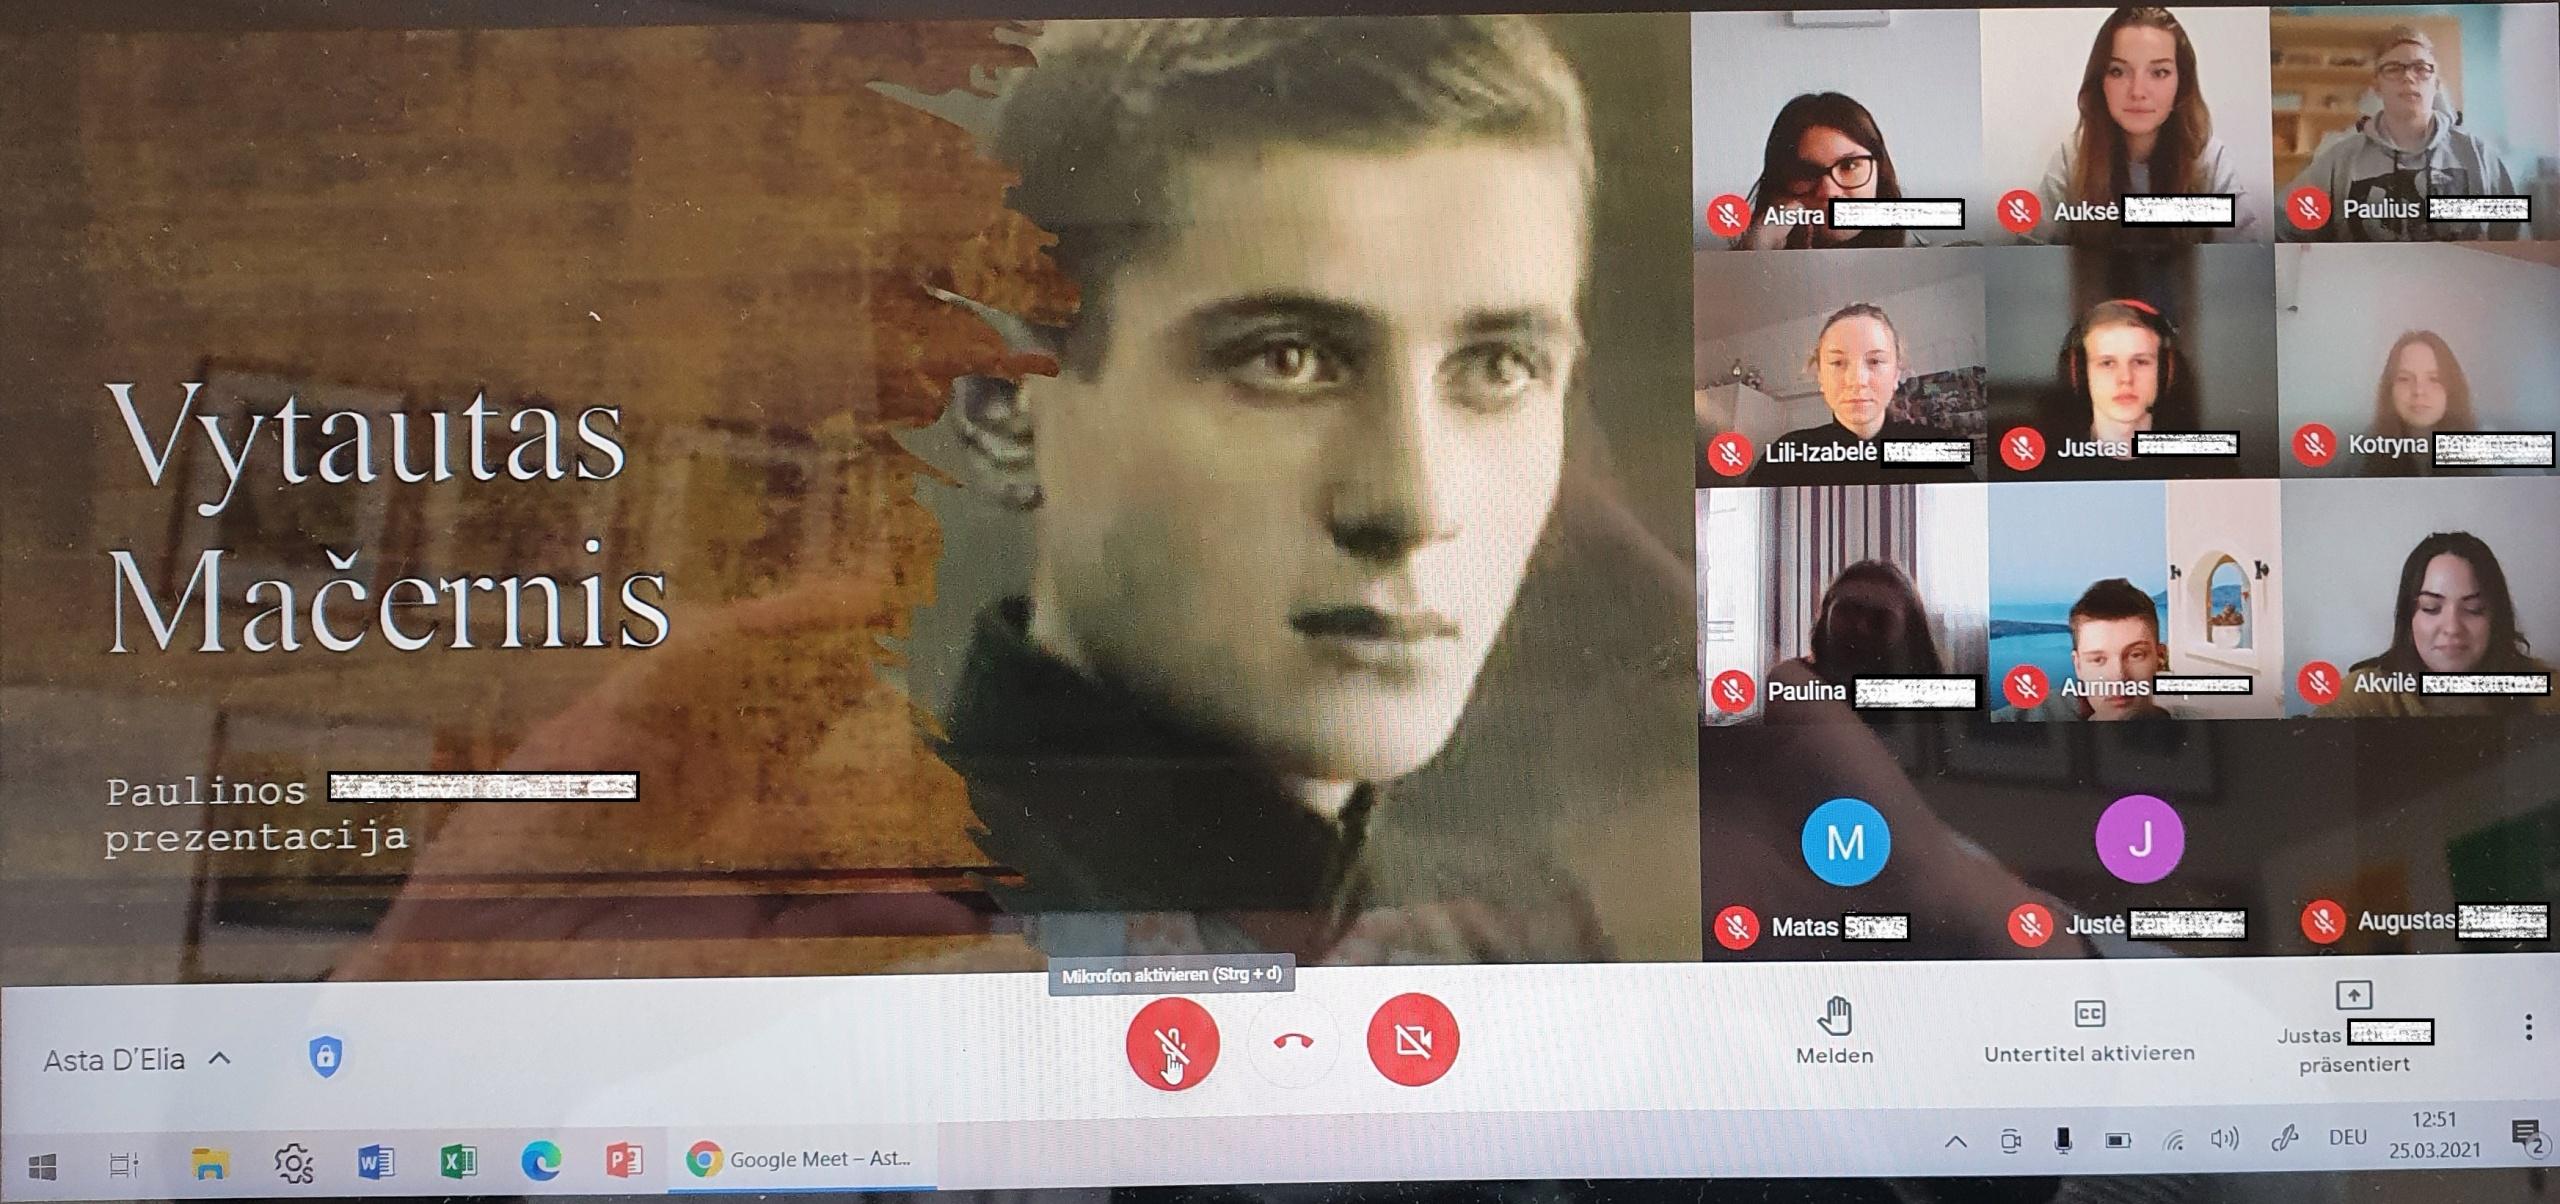 Zum 100. Geburtstag des Dichters Vytautas Mačernis